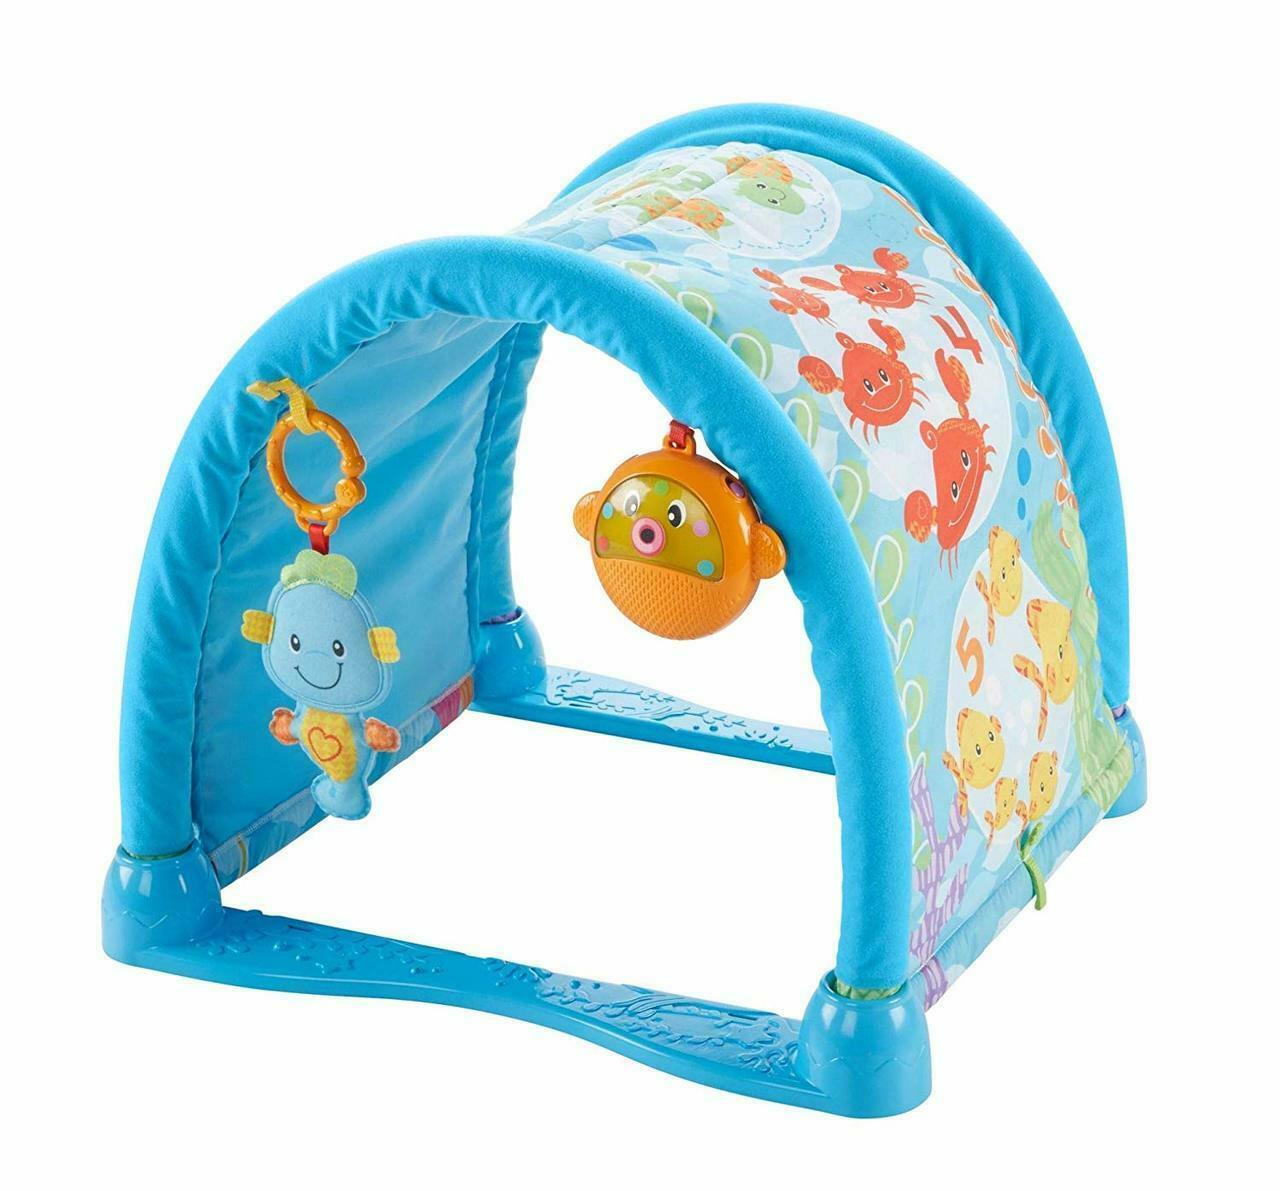 Toys Fisher Price Kick n Crawl Musical Seahorse Gym